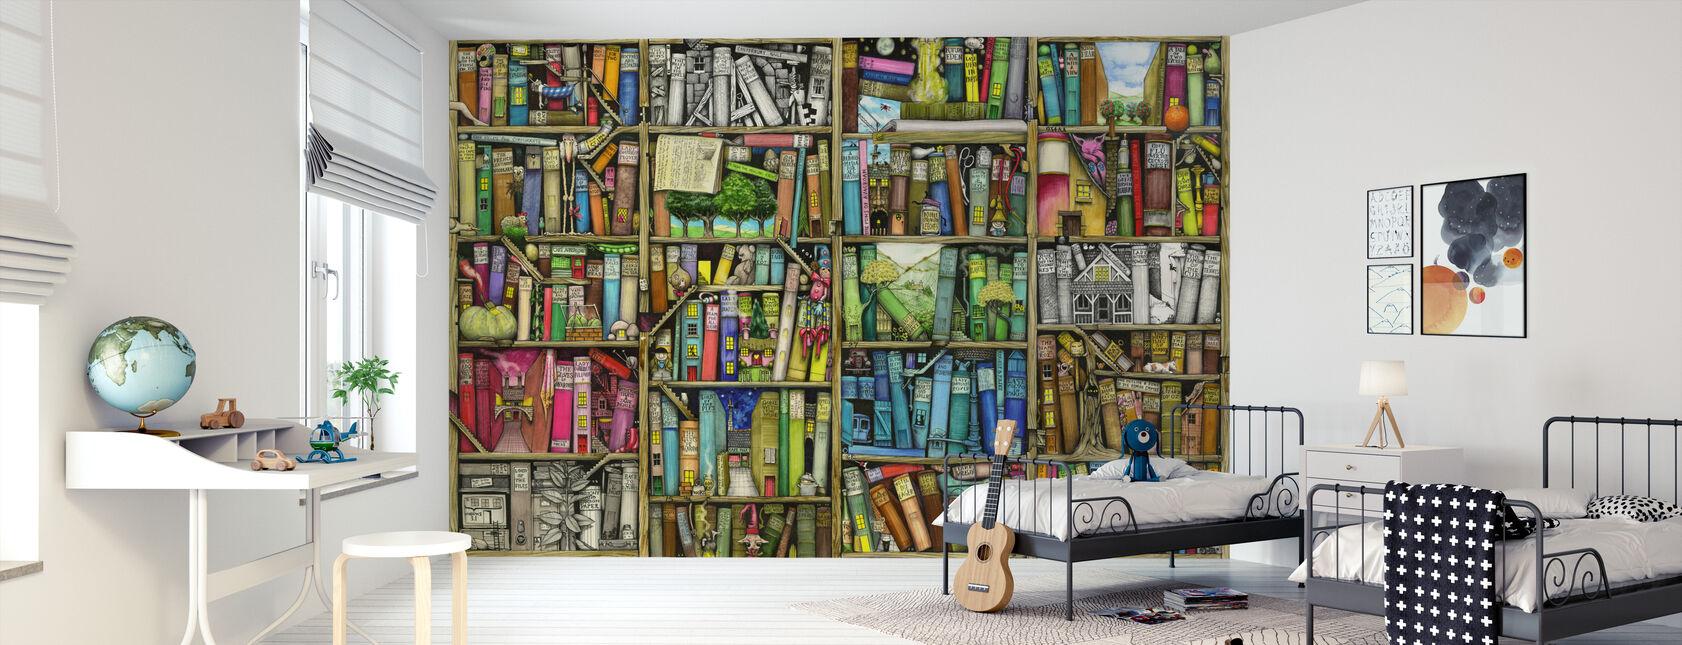 Fantasy Bookshelf - Wallpaper - Kids Room